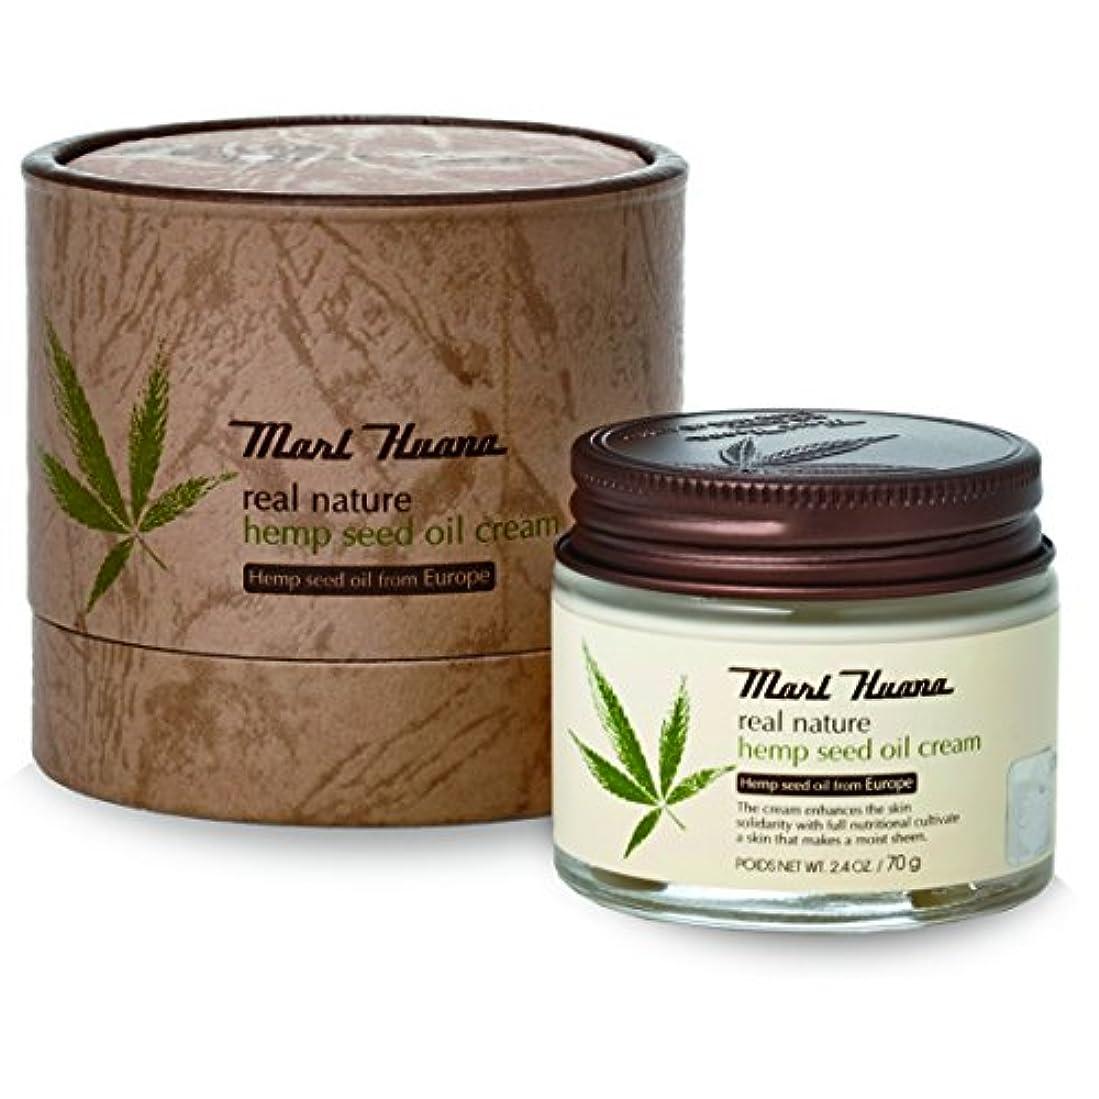 ビタミン付属品リゾート[訳有り?OUTLET] Marihuana Real Natural Hemp Seed Oil Cream マリーフアナ リアルナチュラルヘンプシードオイルクリーム [並行輸入品]